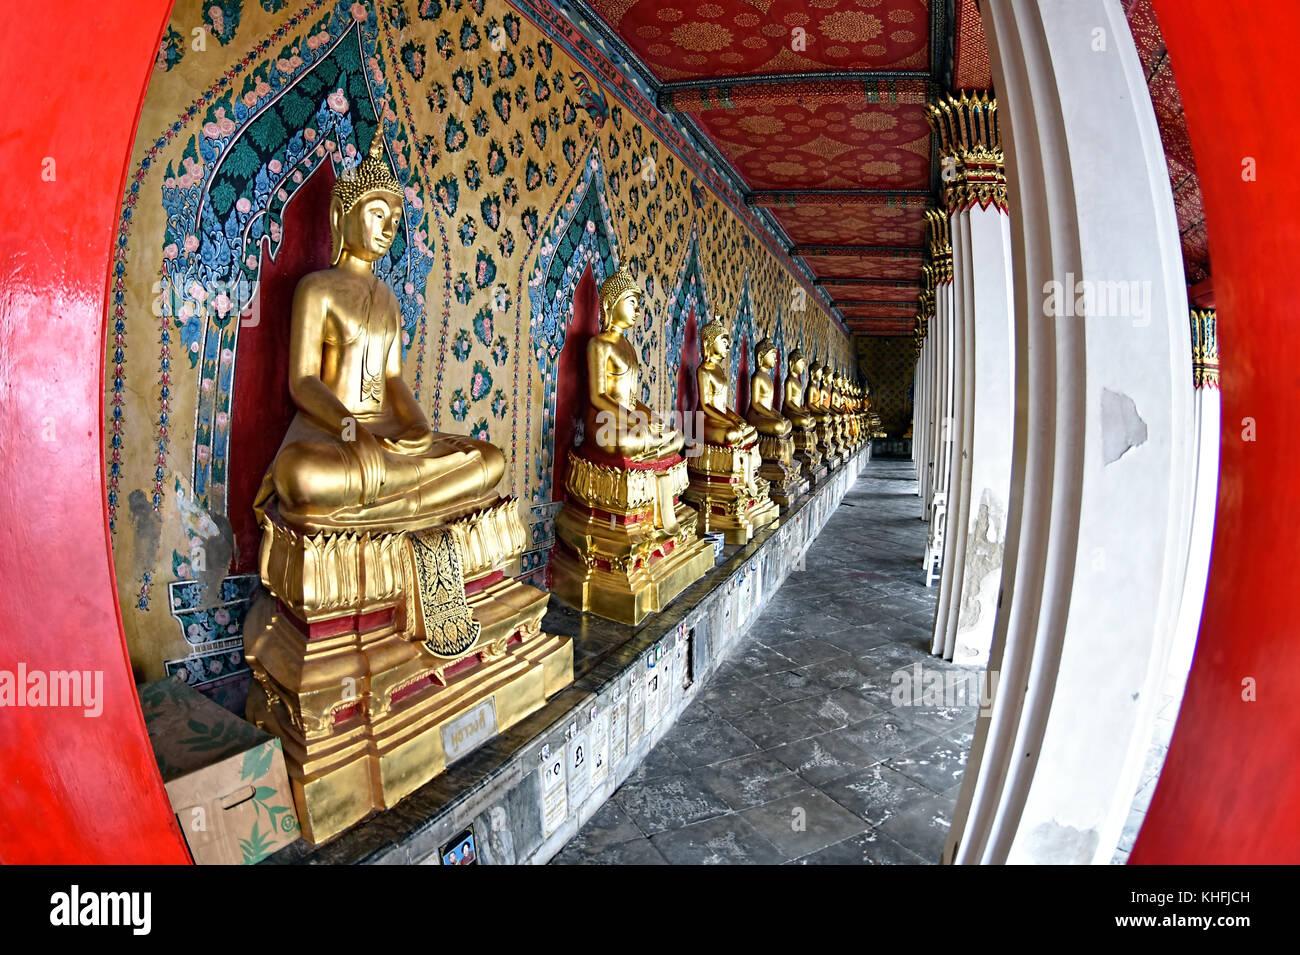 Buddhas at Wat Arun Temple, Bangkok, Thailand - Stock Image